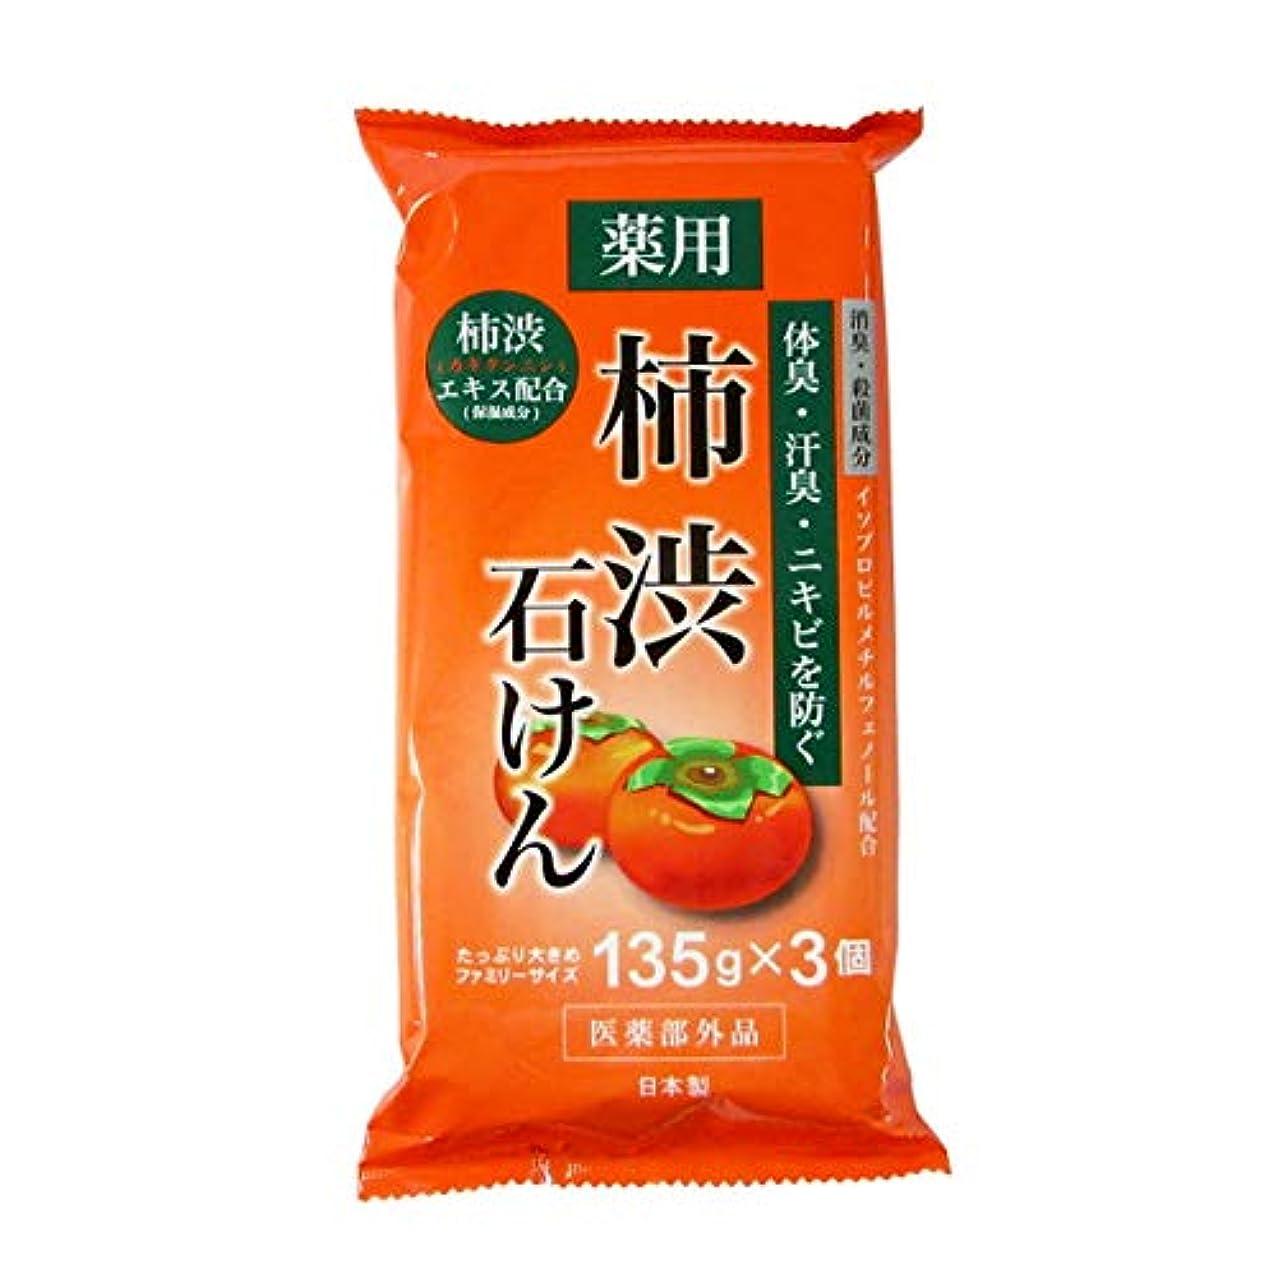 シフトバット暗殺する【医薬部外品】薬用柿渋石けん 135gx3個